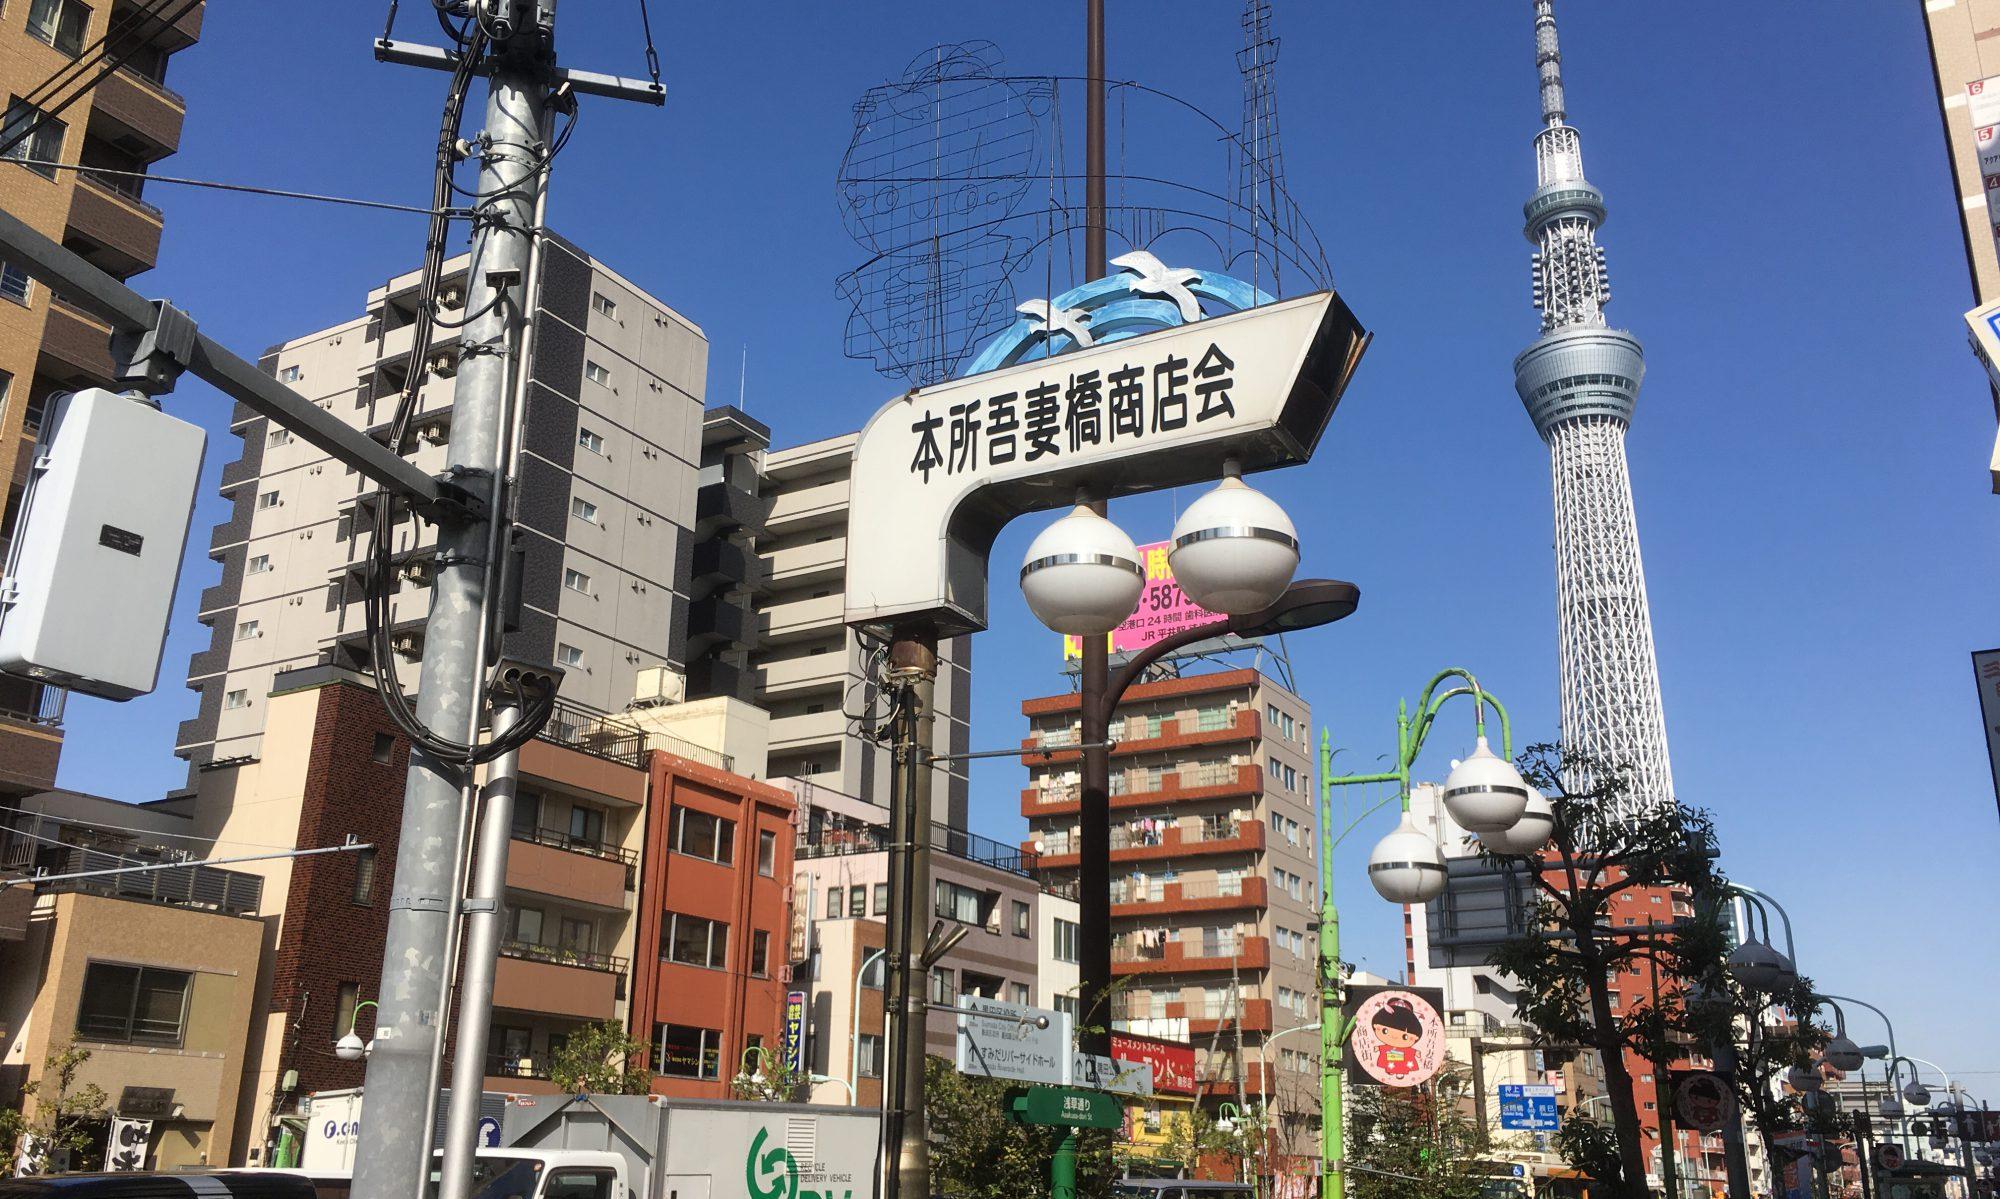 吾妻橋うぇぶ 本所吾妻橋商店会公式サイト